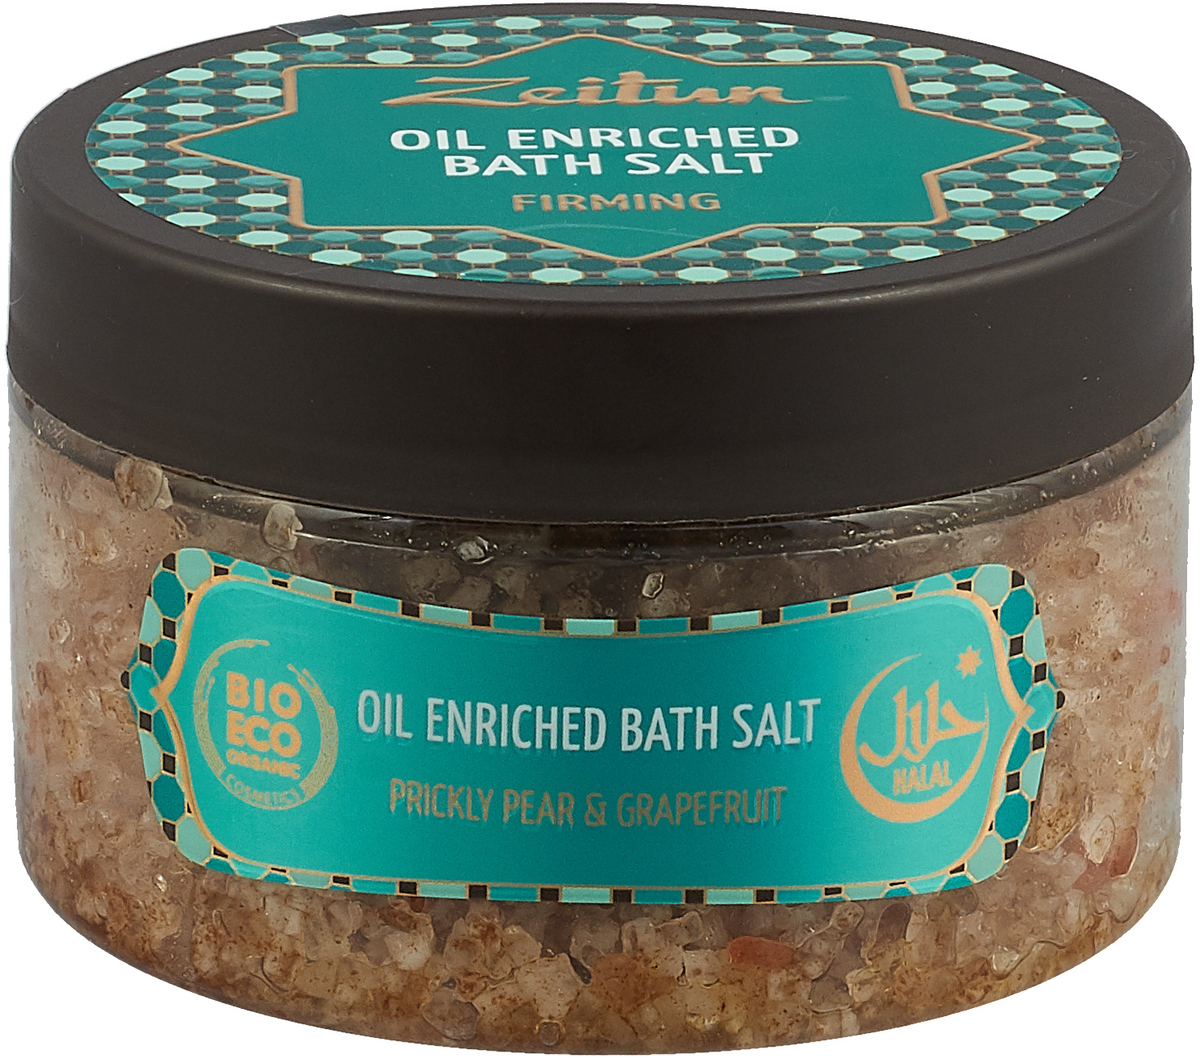 Зейтун Аромасоль для ванны для подтяжки кожи, 250 млZ2110Чтобы кожа тела была упругой, сияющей, здоровой и неподвластной времени, необходим натуральный лифтинг-уход. Проще и приятнее всего добиться желанной подтянутости – ввести в уходовые процедуры регулярные солевые ванны. Ароматическая соль для ванн Zeitun с лифтинг-эффектом содержит экстракт опунции, эфирное масло грейпфрута и комплекс морских минералов, которые великолепно тонизируют, активизируют биологические процессы, возвращают коже эластичность, гладкость и нейтрализуют воздействие свободных радикалов. Основа из солей Мертвого моря и Индийского океана обеспечивает коже самое богатое микроэлементное питание и оздоровление, а гидрофильные масла оливы и миндаля глубоко увлажняют, полностью впитываясь и не оставляя масляных разводов на воде. В составе подтягивающей соли Мертвого моря и Индийского океана – активизирующие обмен веществ, эффективные омолаживающие эфирные масла и экстракты в сочетании увлажняющими растительными маслами:Экстракт опунции богатейший источник галактуроновой кислоты и полисахаридов – активизирует биологические процессы, защищает клетки от раннего старения, подтягивает и разглаживает кожу.Эфирное масло грейпфрута богато необходимым коже антиоксидантом витамином С, защищает от свободных радикалов и окислительных процессов, которые пагубно сказываются на состоянии кожи.Соль Мертвого моря – самая настоящая кладезь для здоровья, у которой нет ни единого аналога в мире. Богатая микроэлементами соль поистине волшебно воздействует на общее состояние организма, борется с кожными заболеваниями, снимает усталость мышц и суставов.Соль Индийского океана обладает уникальным макро- и микроэлементным составом, который высоко ценится в медицине и косметологии. Соль способствует активному насыщению клеток практически всем спектром необходимых веществ, программирует кожу на правильное усвоение и распределение энергии, препятствуя накапливанию жировых отложений.Гидрофильные масла (оливковое, миндальное) п